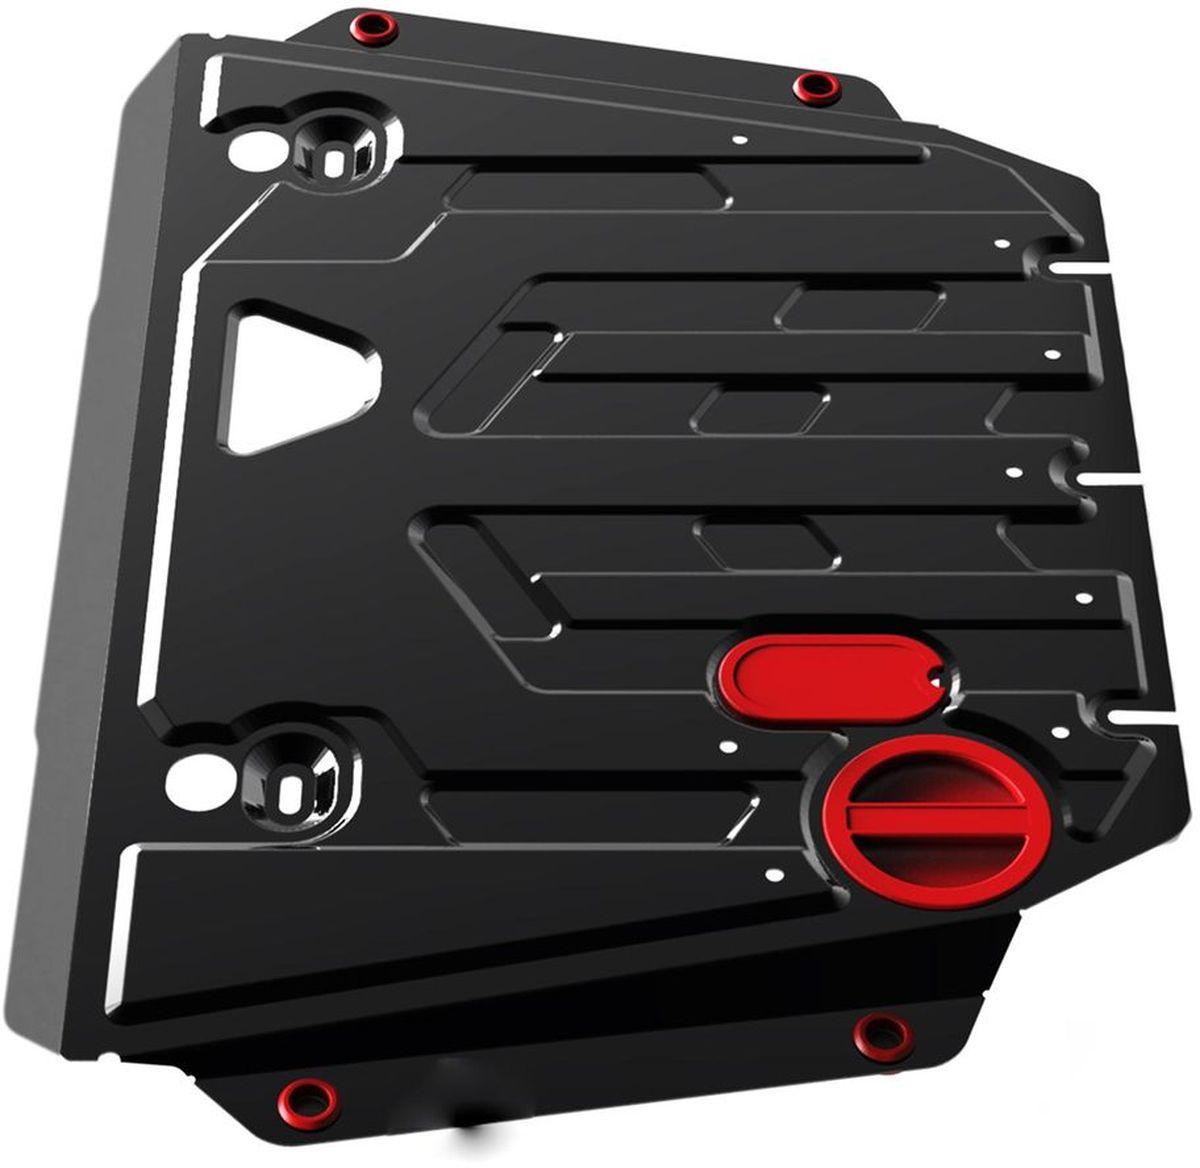 Защита картера и КПП Автоброня, для Chevrolet Spark АКП, V -1,0i (2010-2016)/Ravon R2, V-1.2i (2016-)111.01018.1Технологически совершенный продукт за невысокую стоимость. Защита разработана с учетом особенностей днища автомобиля, что позволяет сохранить дорожный просвет с минимальным изменением. Защита устанавливается в штатные места кузова автомобиля. Глубокий штамп обеспечивает до двух раз больше жесткости в сравнении с обычной защитой той же толщины. Проштампованные ребра жесткости препятствуют деформации защиты при ударах. Тепловой зазор и вентиляционные отверстия обеспечивают сохранение температурного режима двигателя в норме. Скрытый крепеж предотвращает срыв крепежных элементов при наезде на препятствие. Шумопоглощающие резиновые элементы обеспечивают комфортную езду без вибраций и скрежета металла, а съемные лючки для слива масла и замены фильтра - экономию средств и время. Конструкция изделия не влияет на пассивную безопасность автомобиля (при ударе защита не воздействует на деформационные зоны кузова). Со штатным крепежом. В комплекте инструкция по установке....